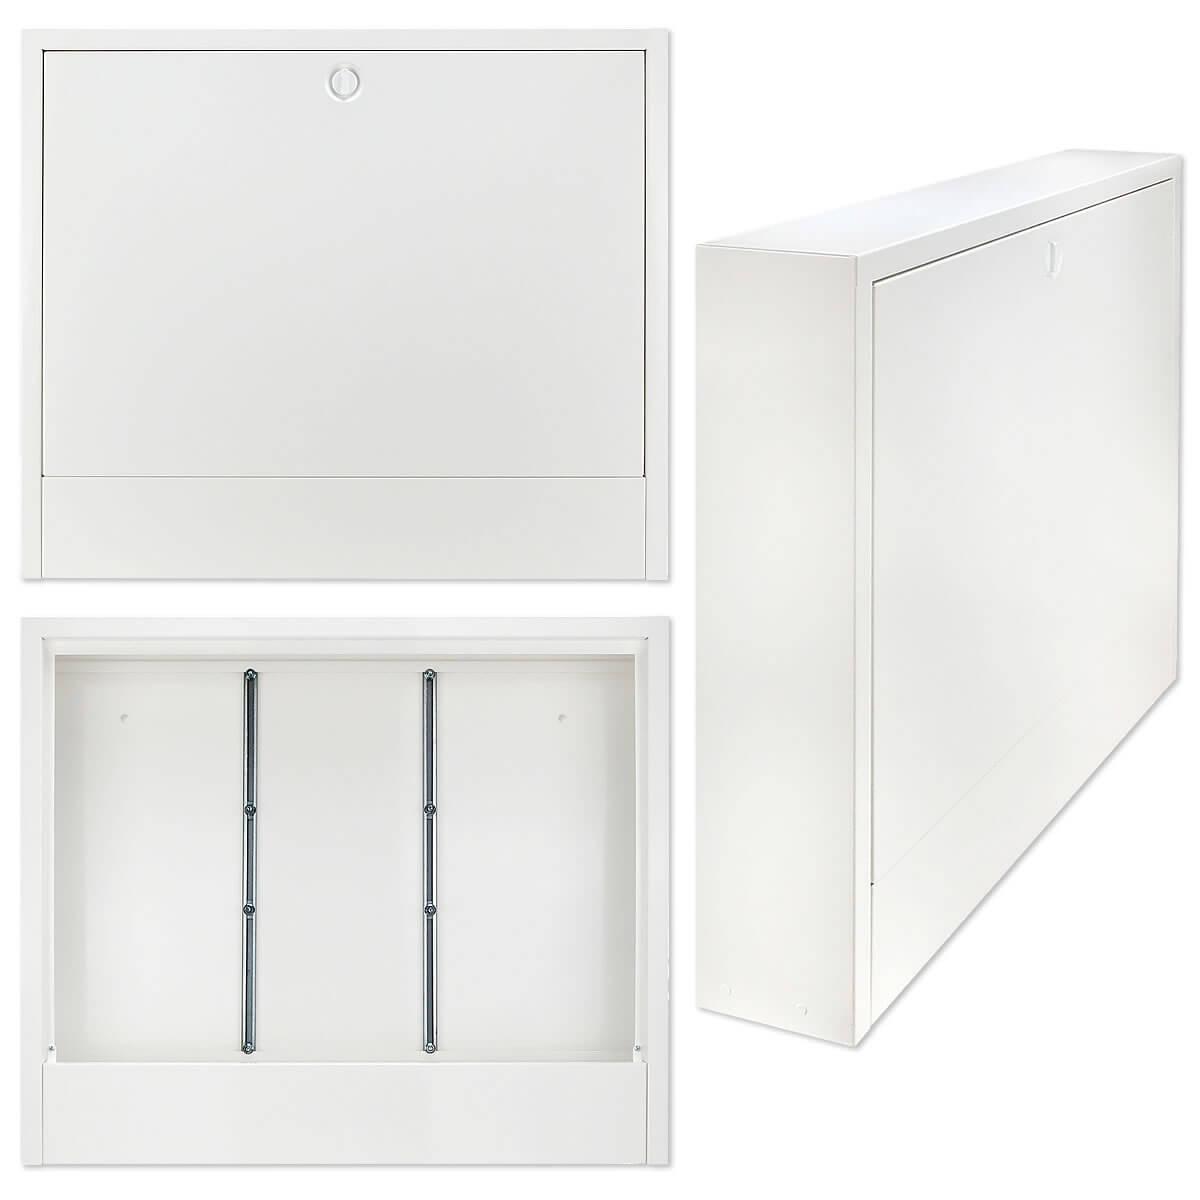 aufputz verteilerschrank farbe wei f r 9 10 heizkreise heizung. Black Bedroom Furniture Sets. Home Design Ideas